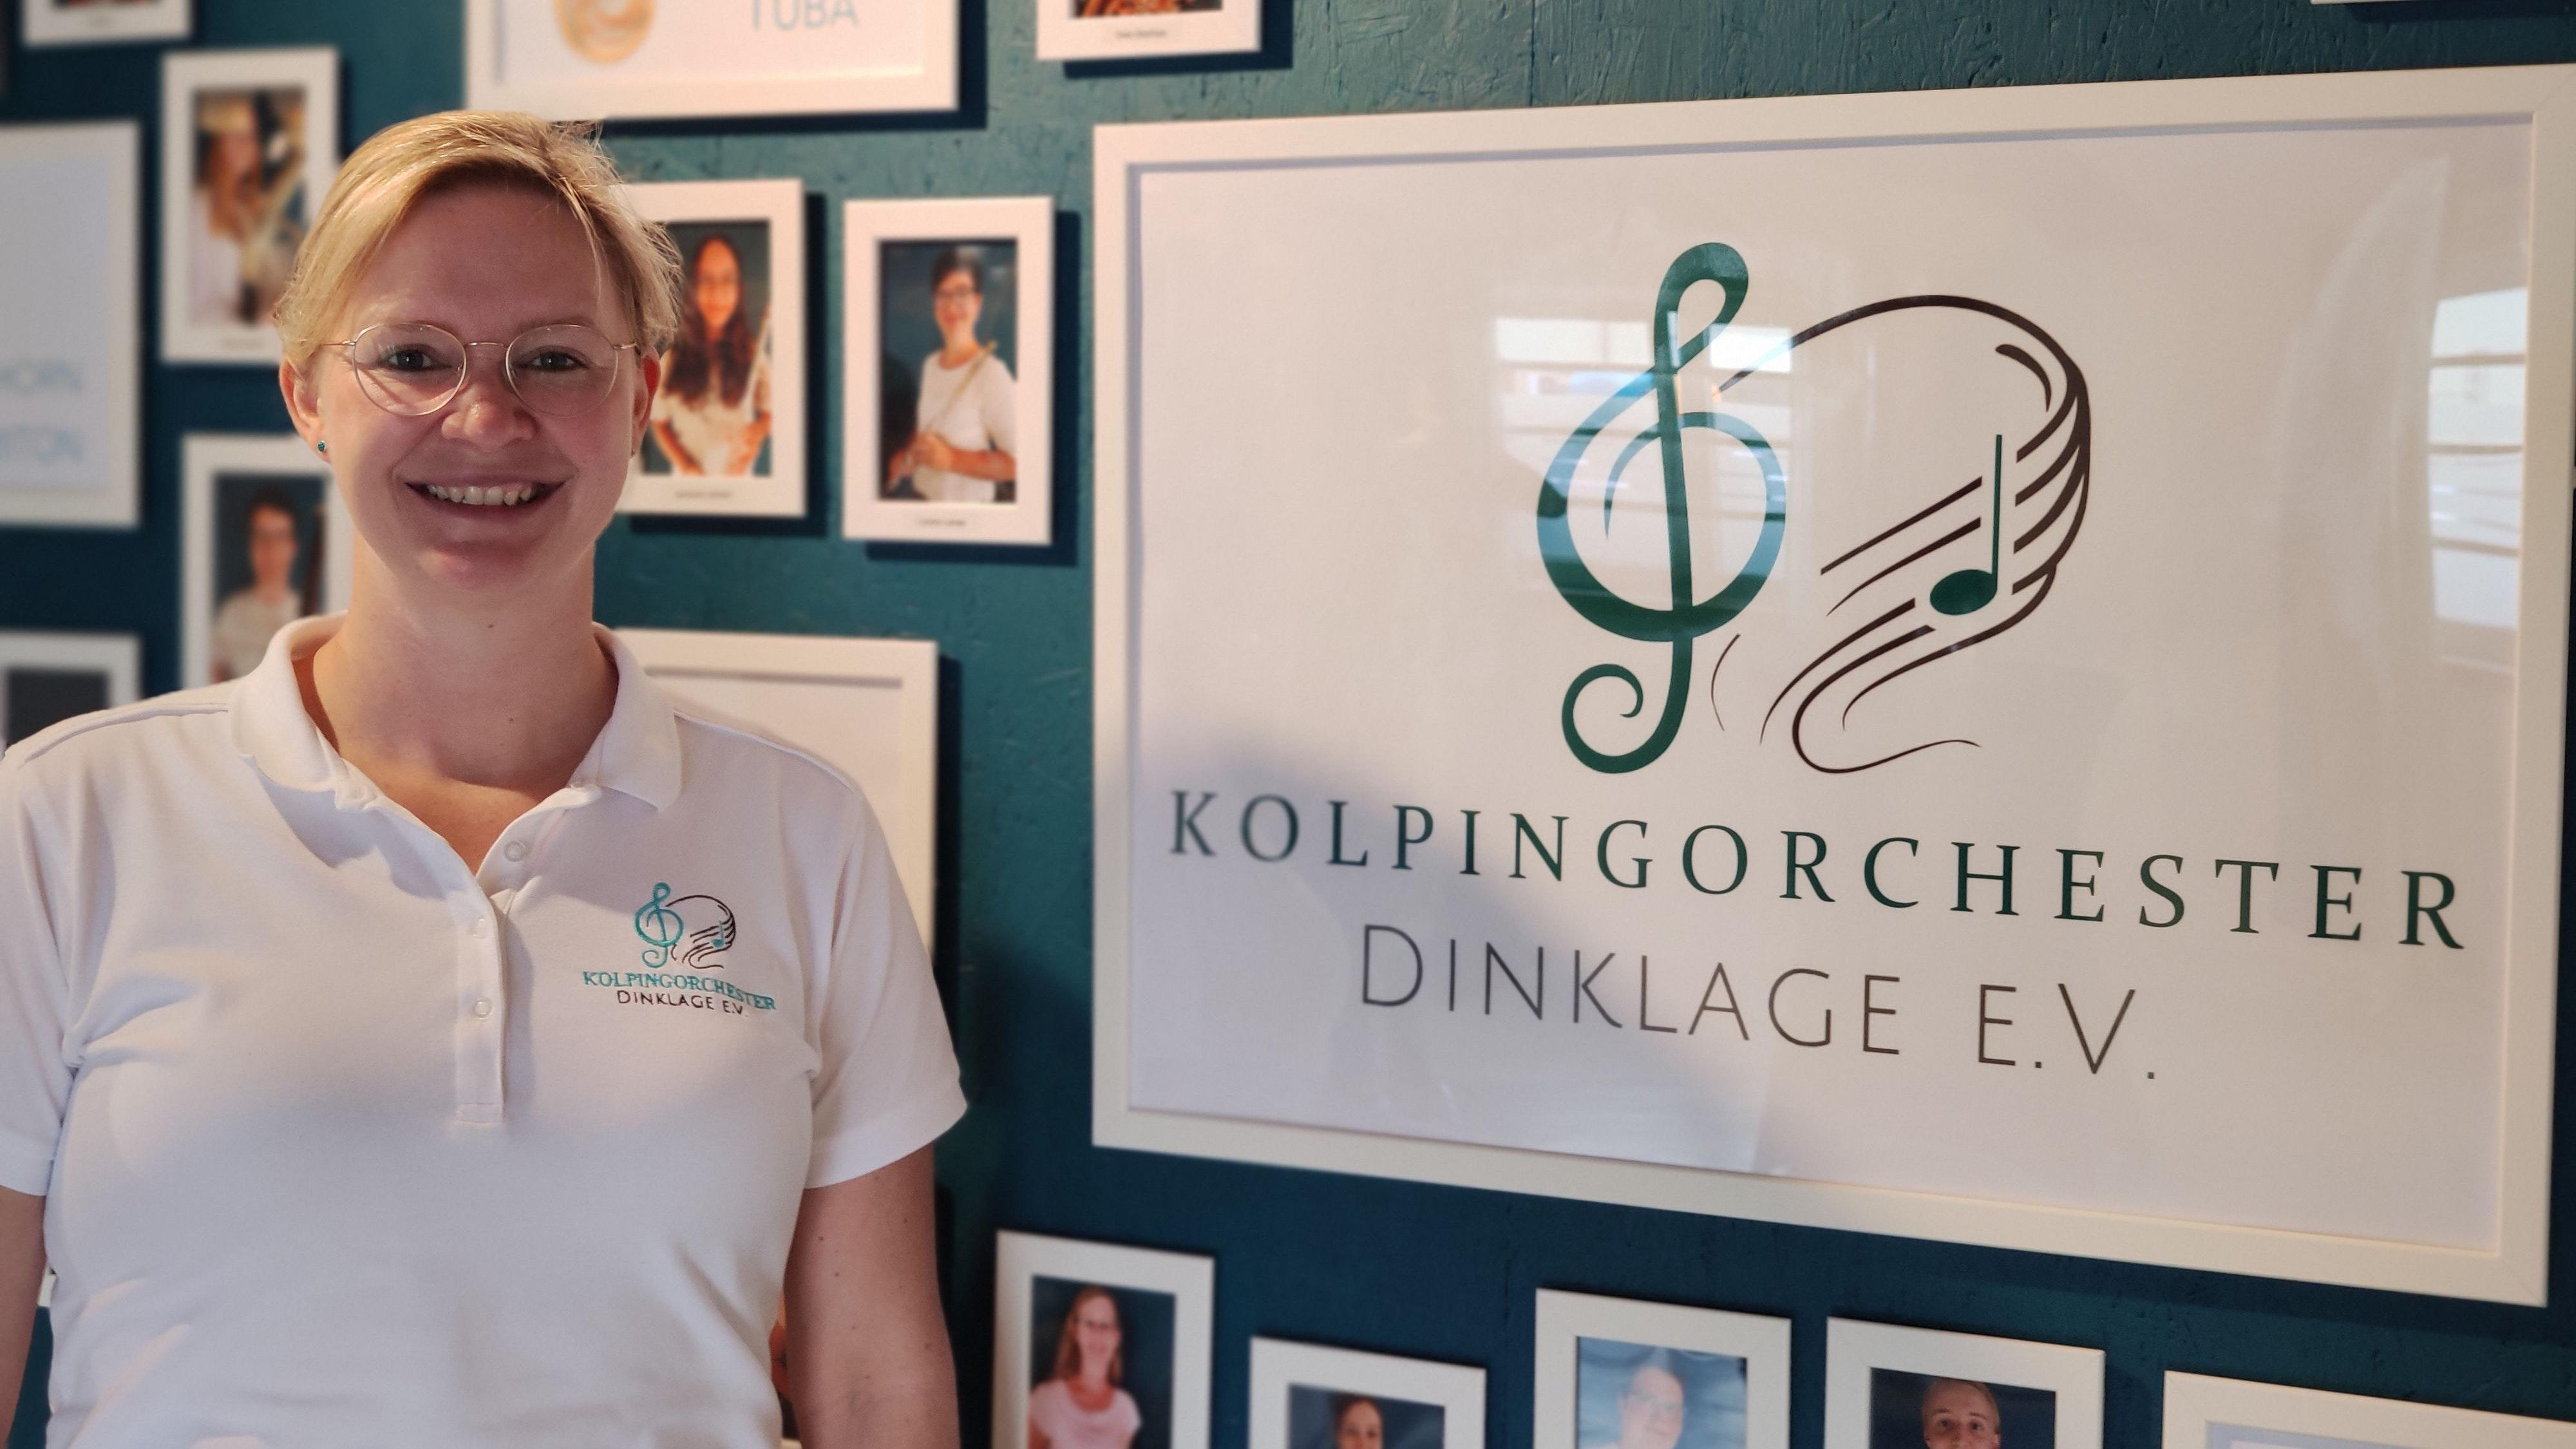 Sichtlich zufrieden:In den neuen Räumen des Kolpingorchesters begrüßte die Vorsitzende Christine Lier die interessierte Öffentlichkeit. Foto: Röttgers